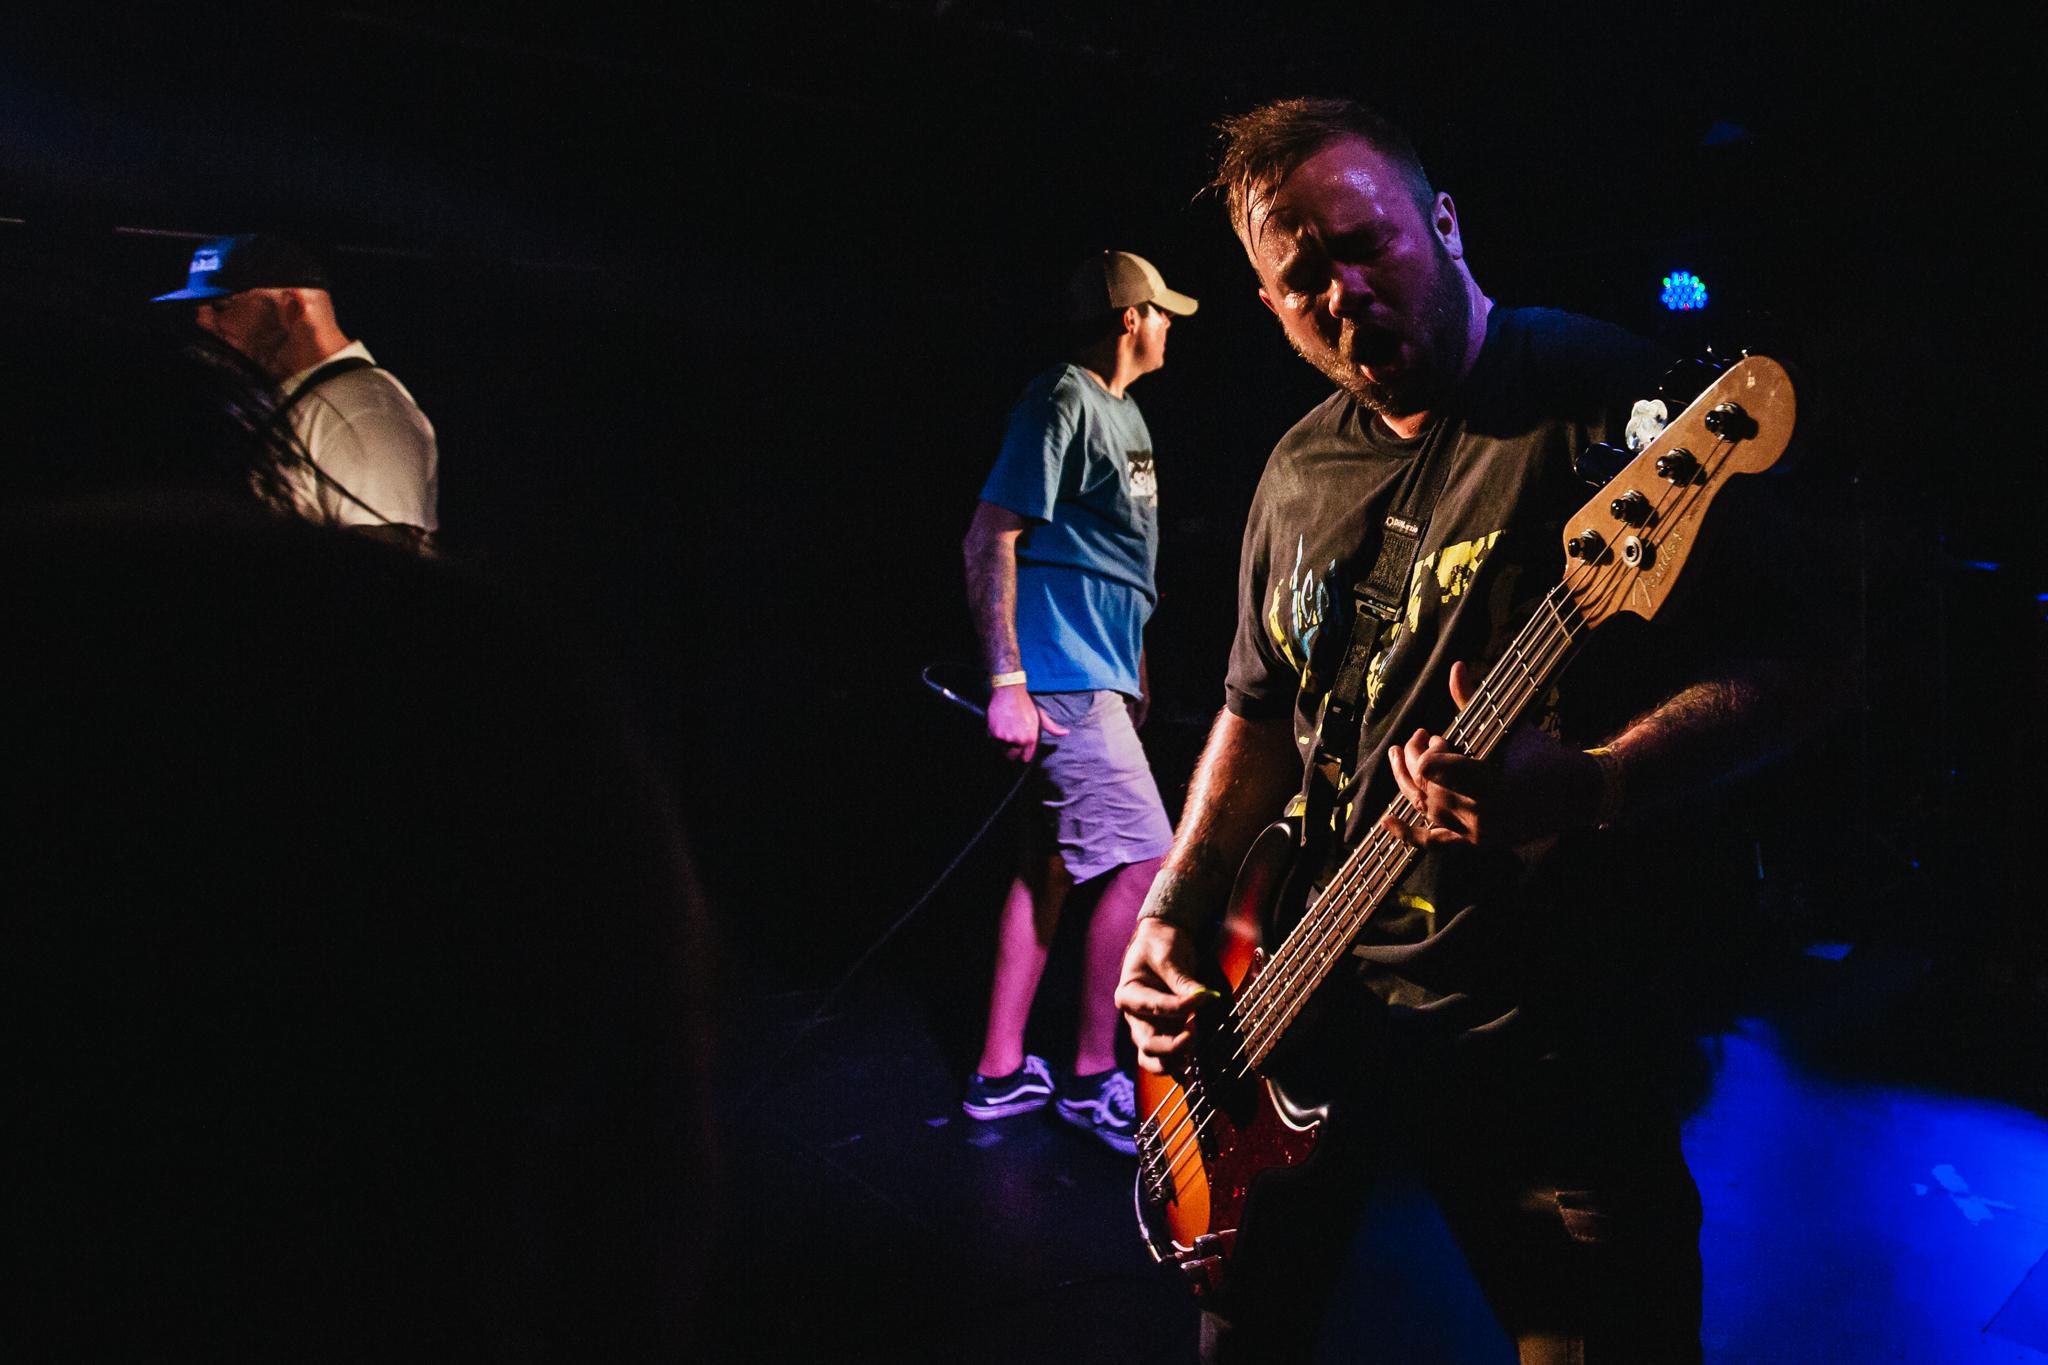 Mitch Lowe Photo - Crowbar - Expire-39.jpg